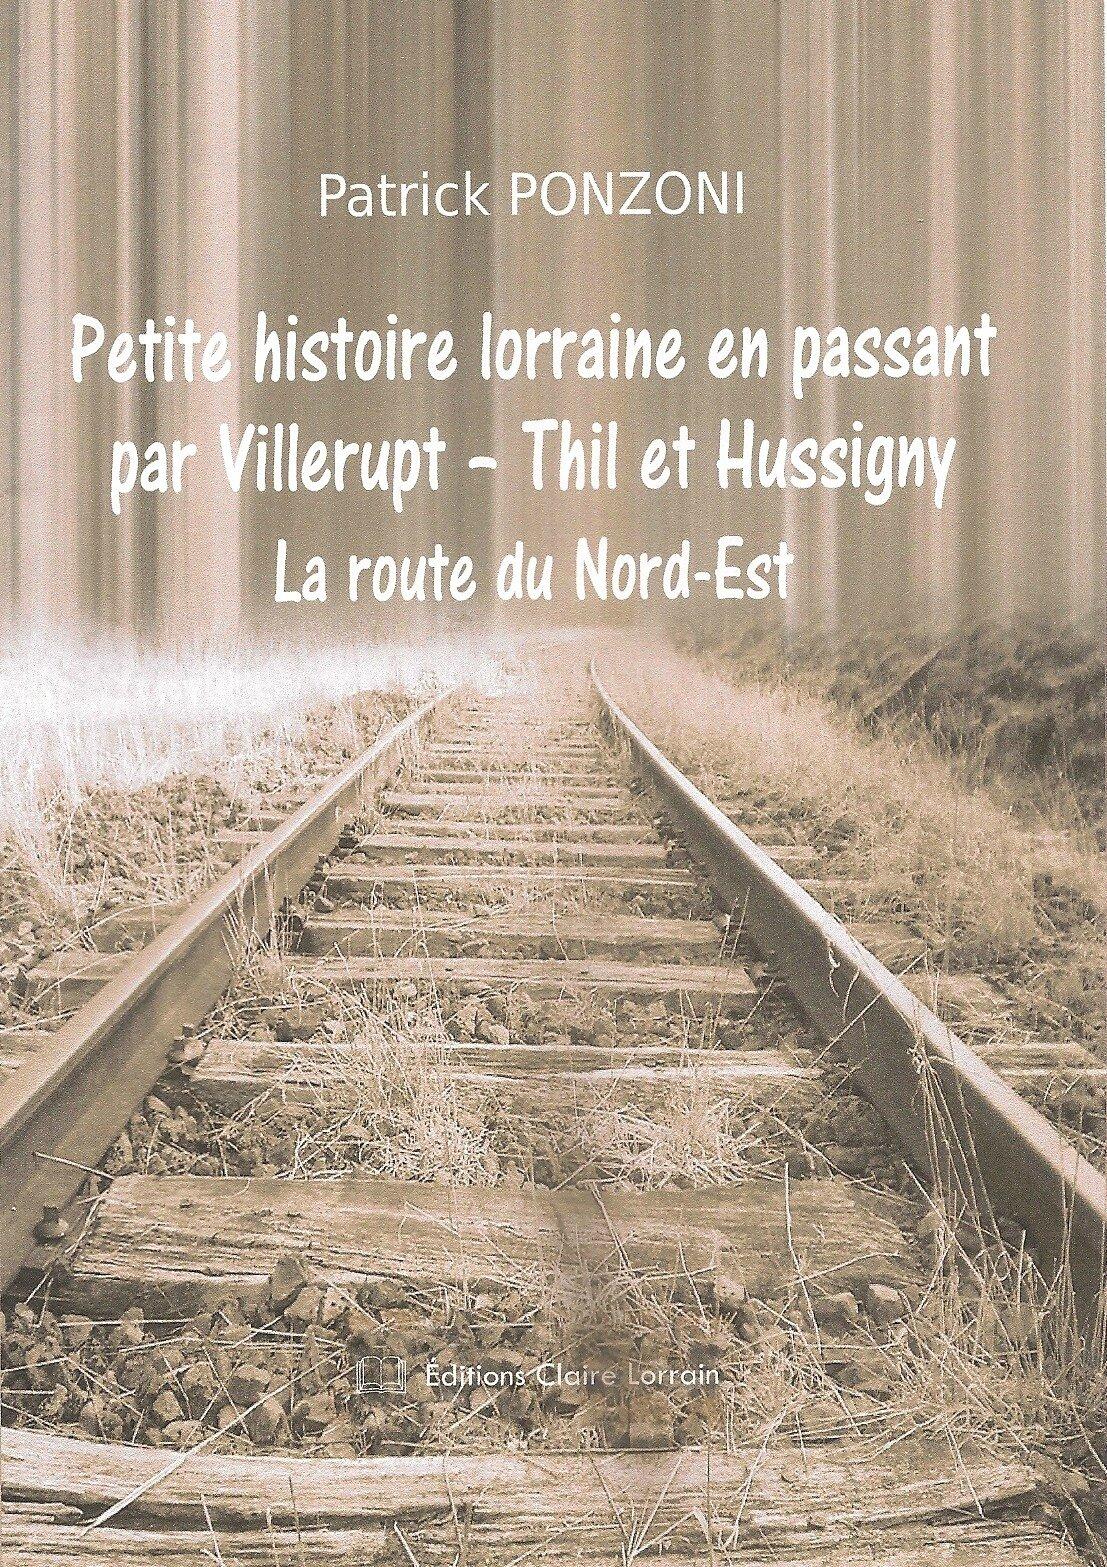 Petite histoire lorraine en passant par Villerupt, Thil et Ussigny de Patrick PONZONI